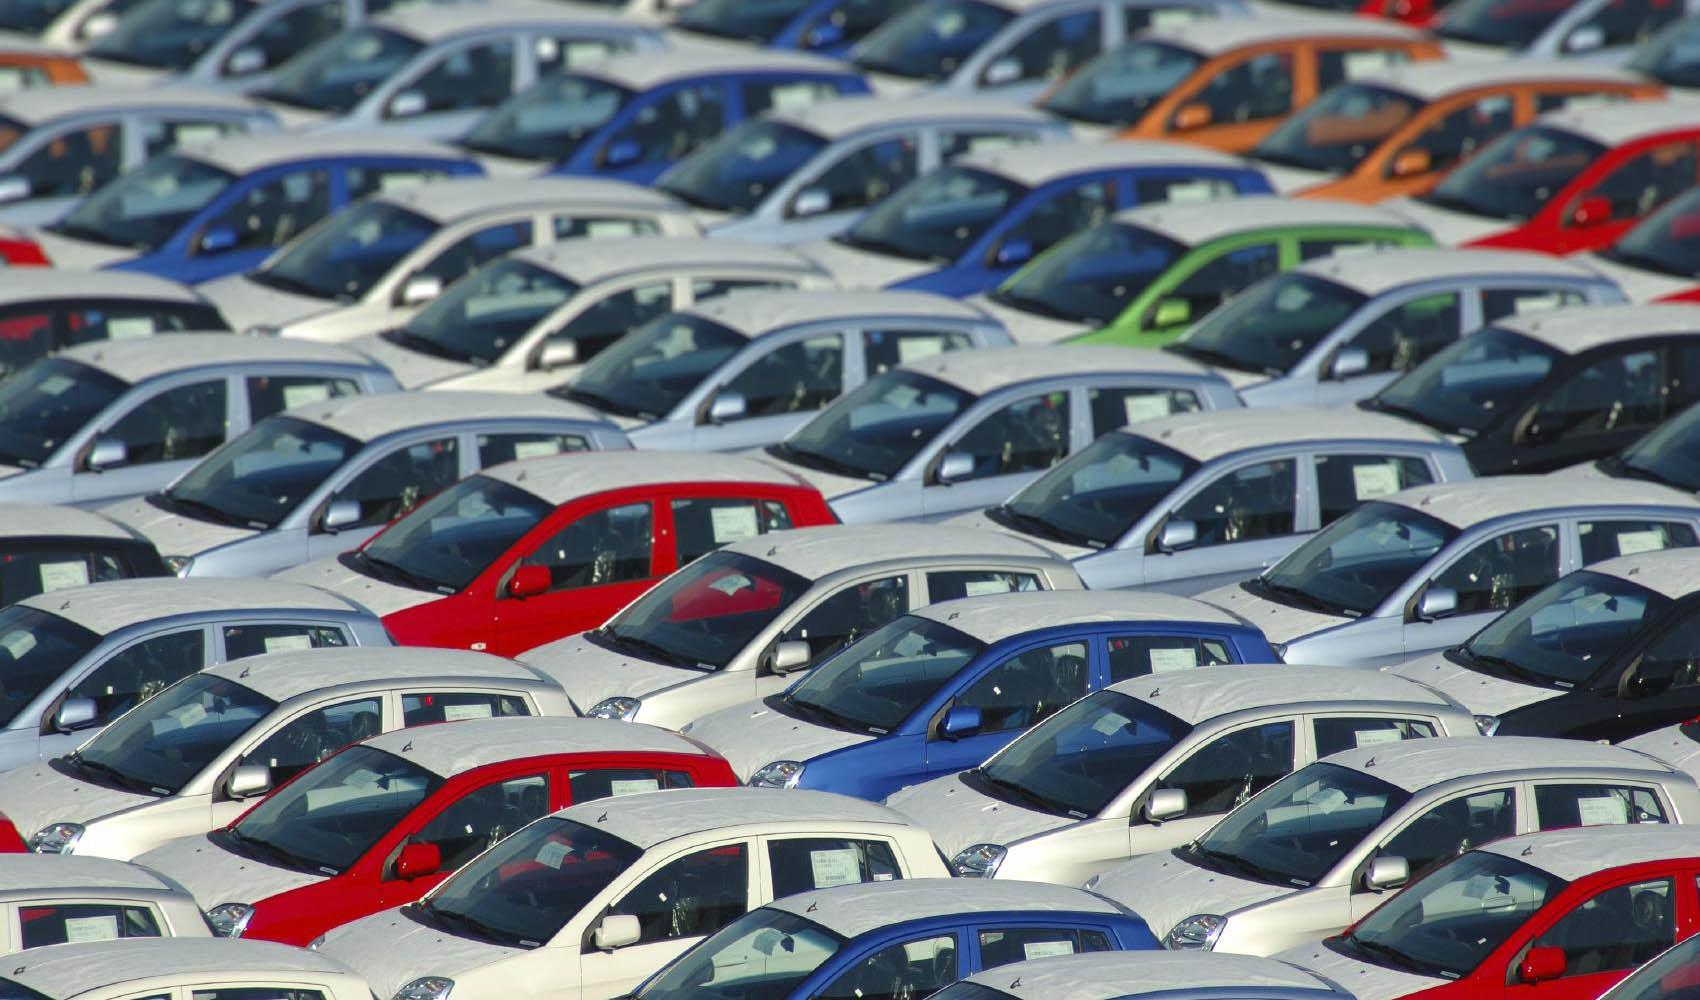 قطعهسازان با آزادسازی واردات خودرو موافق هستند